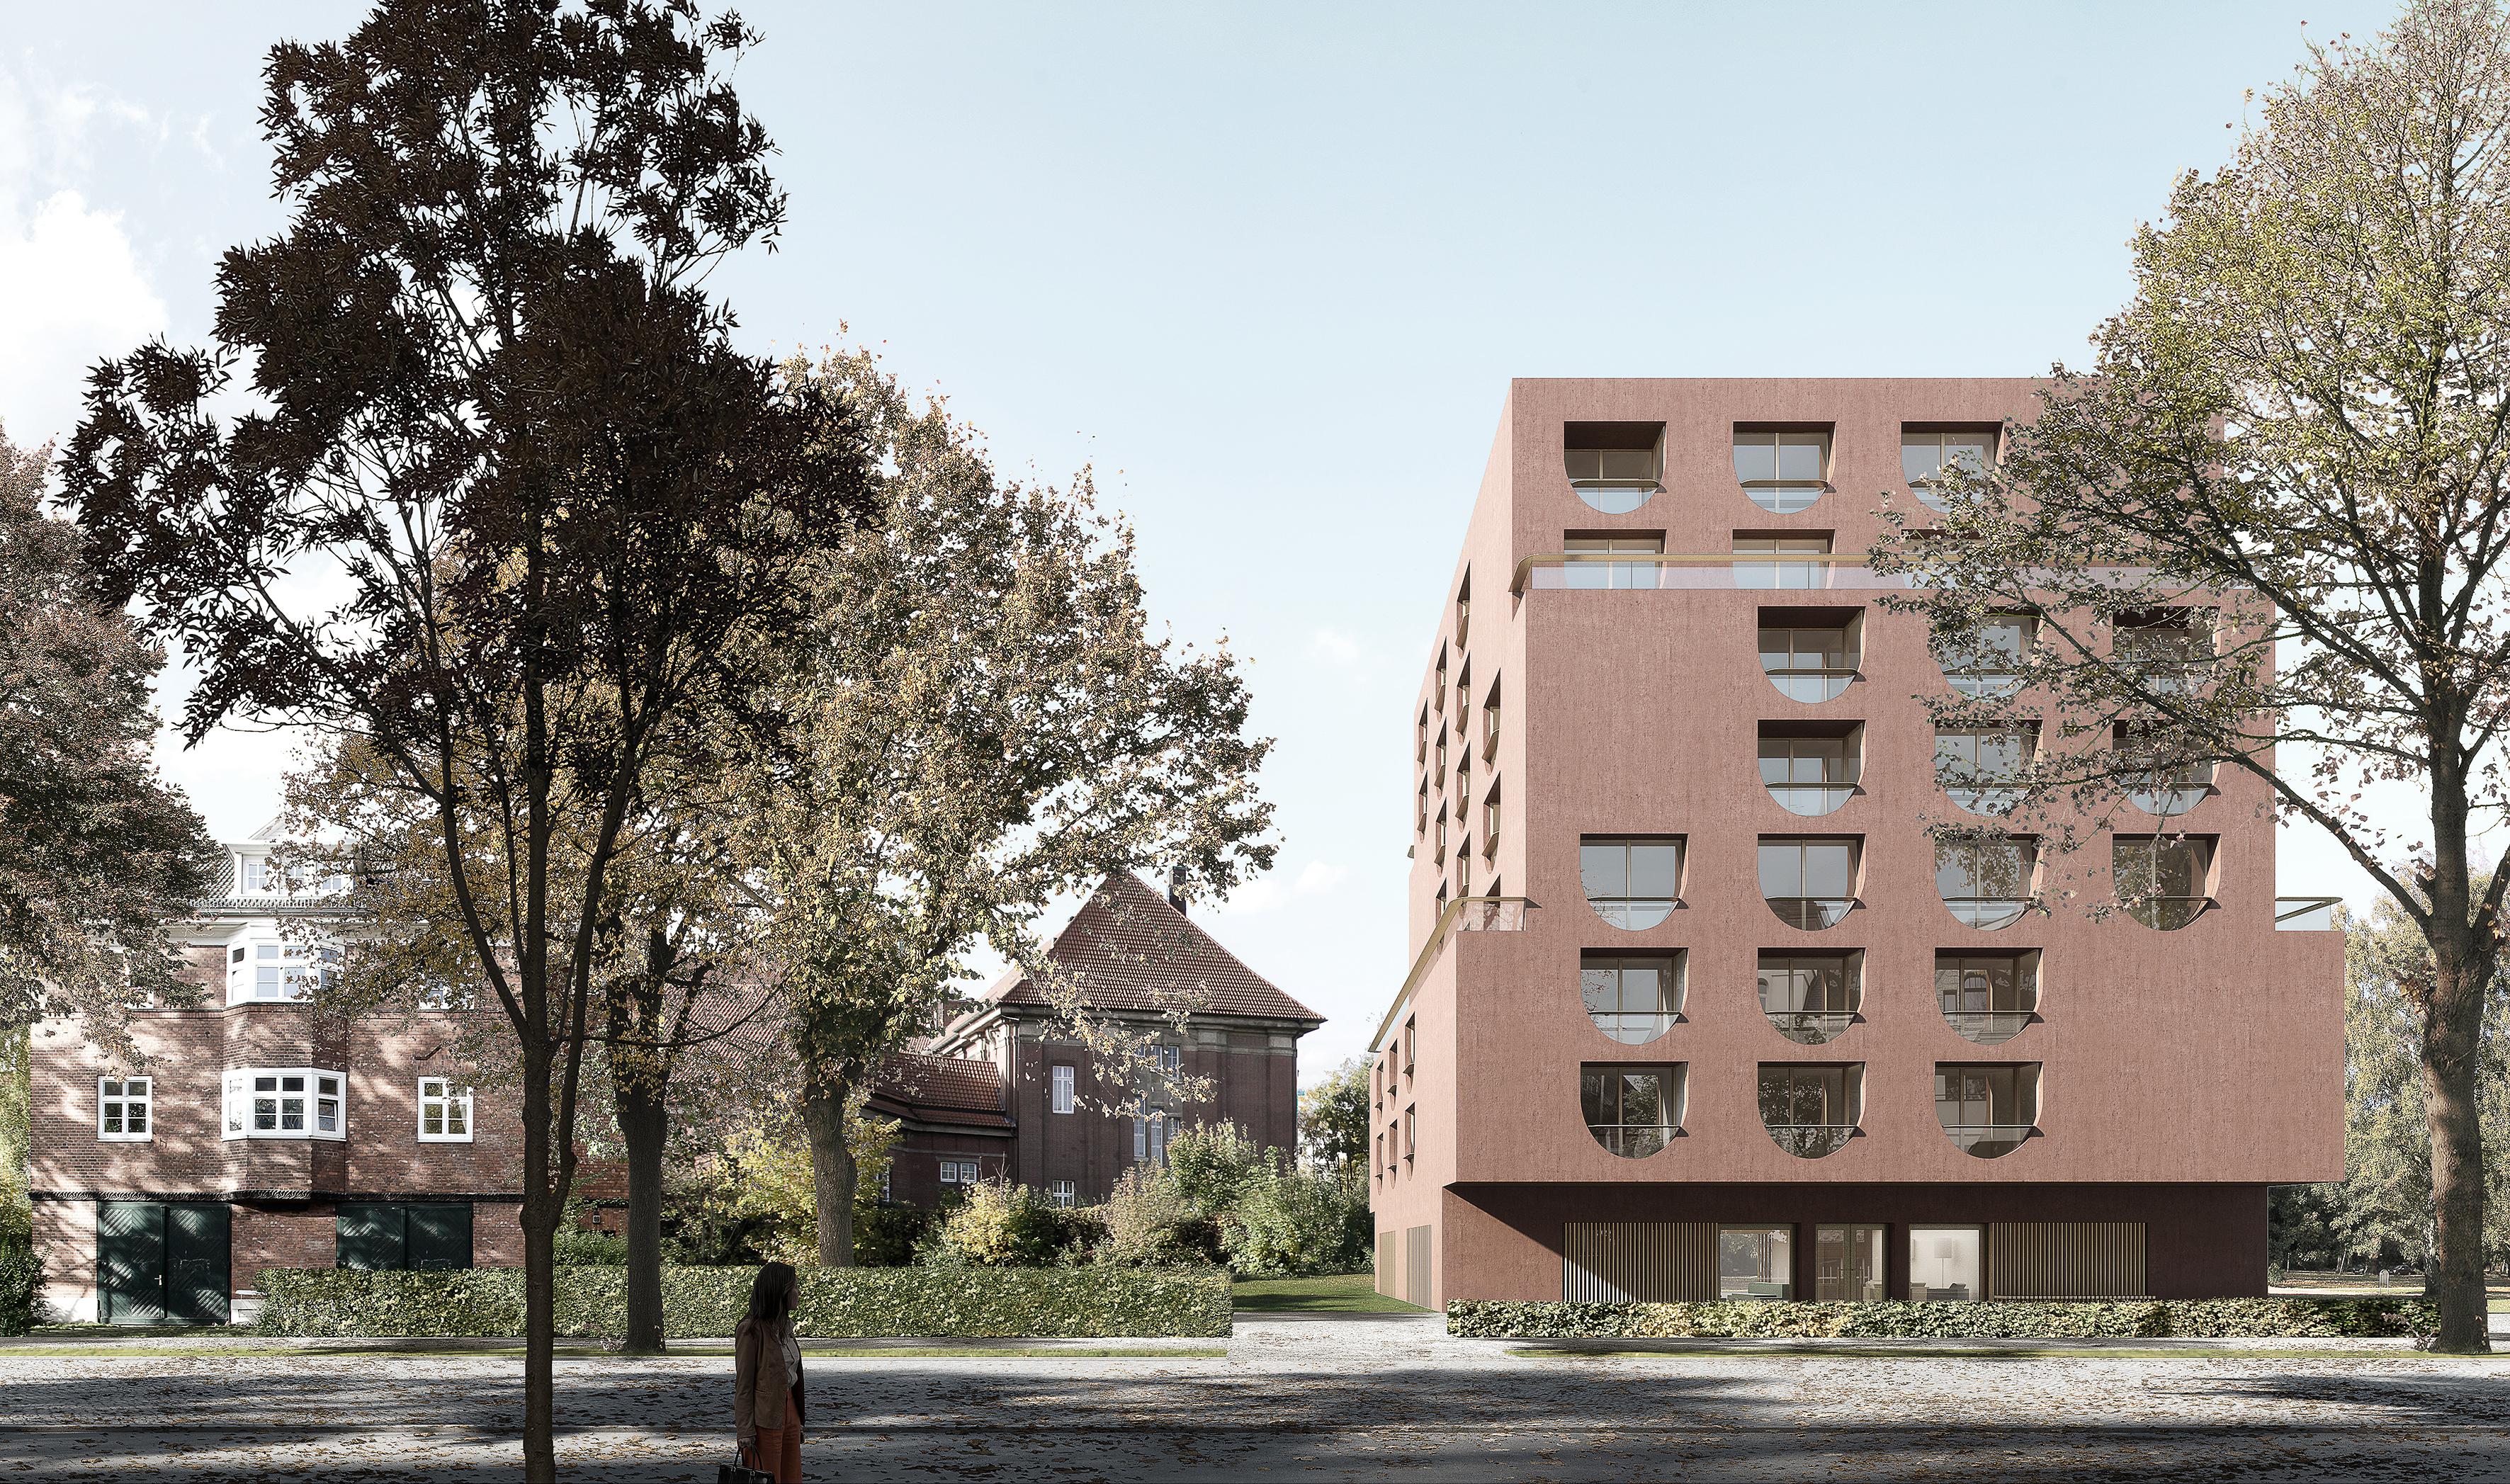 Neubau eines internationalen Apartmenthauses : Pressemitteilungen ...